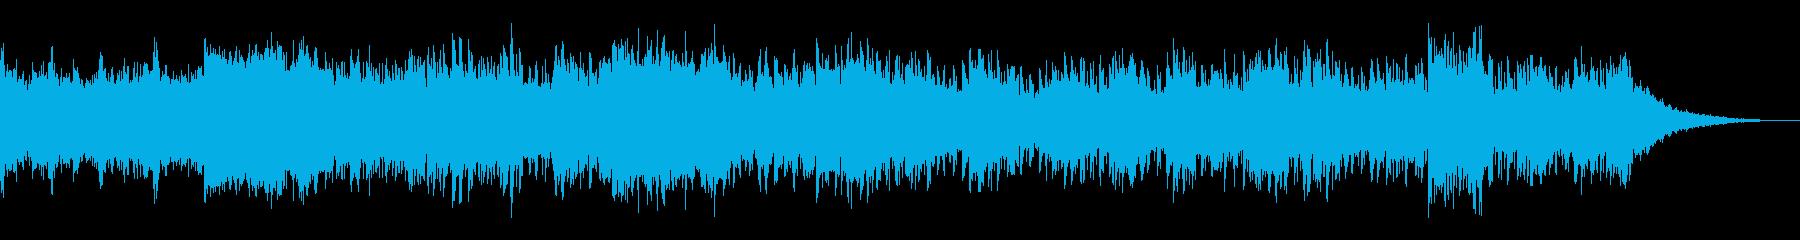 エレクトリックでノイジーなサウンドスケーの再生済みの波形